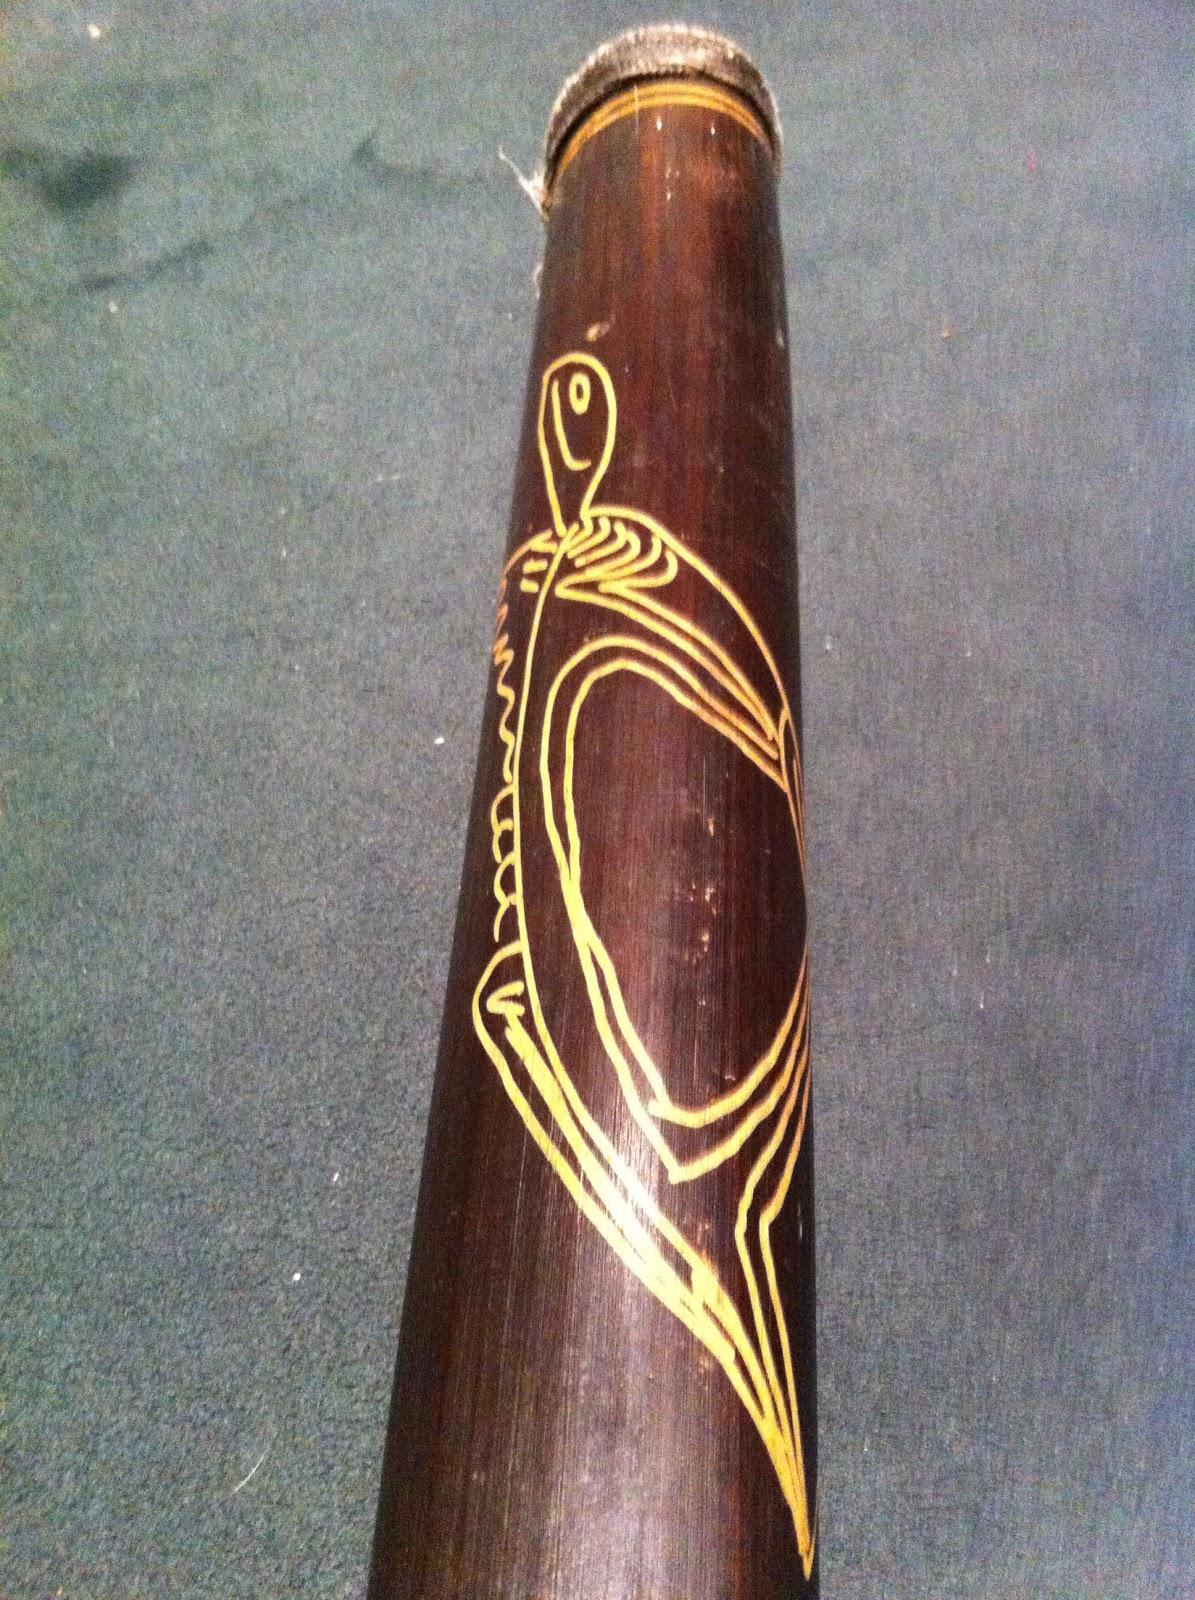 Ebay Kleinanzeigen Aachen: Kleinanzeigen Aachen: Original Australisches Holz